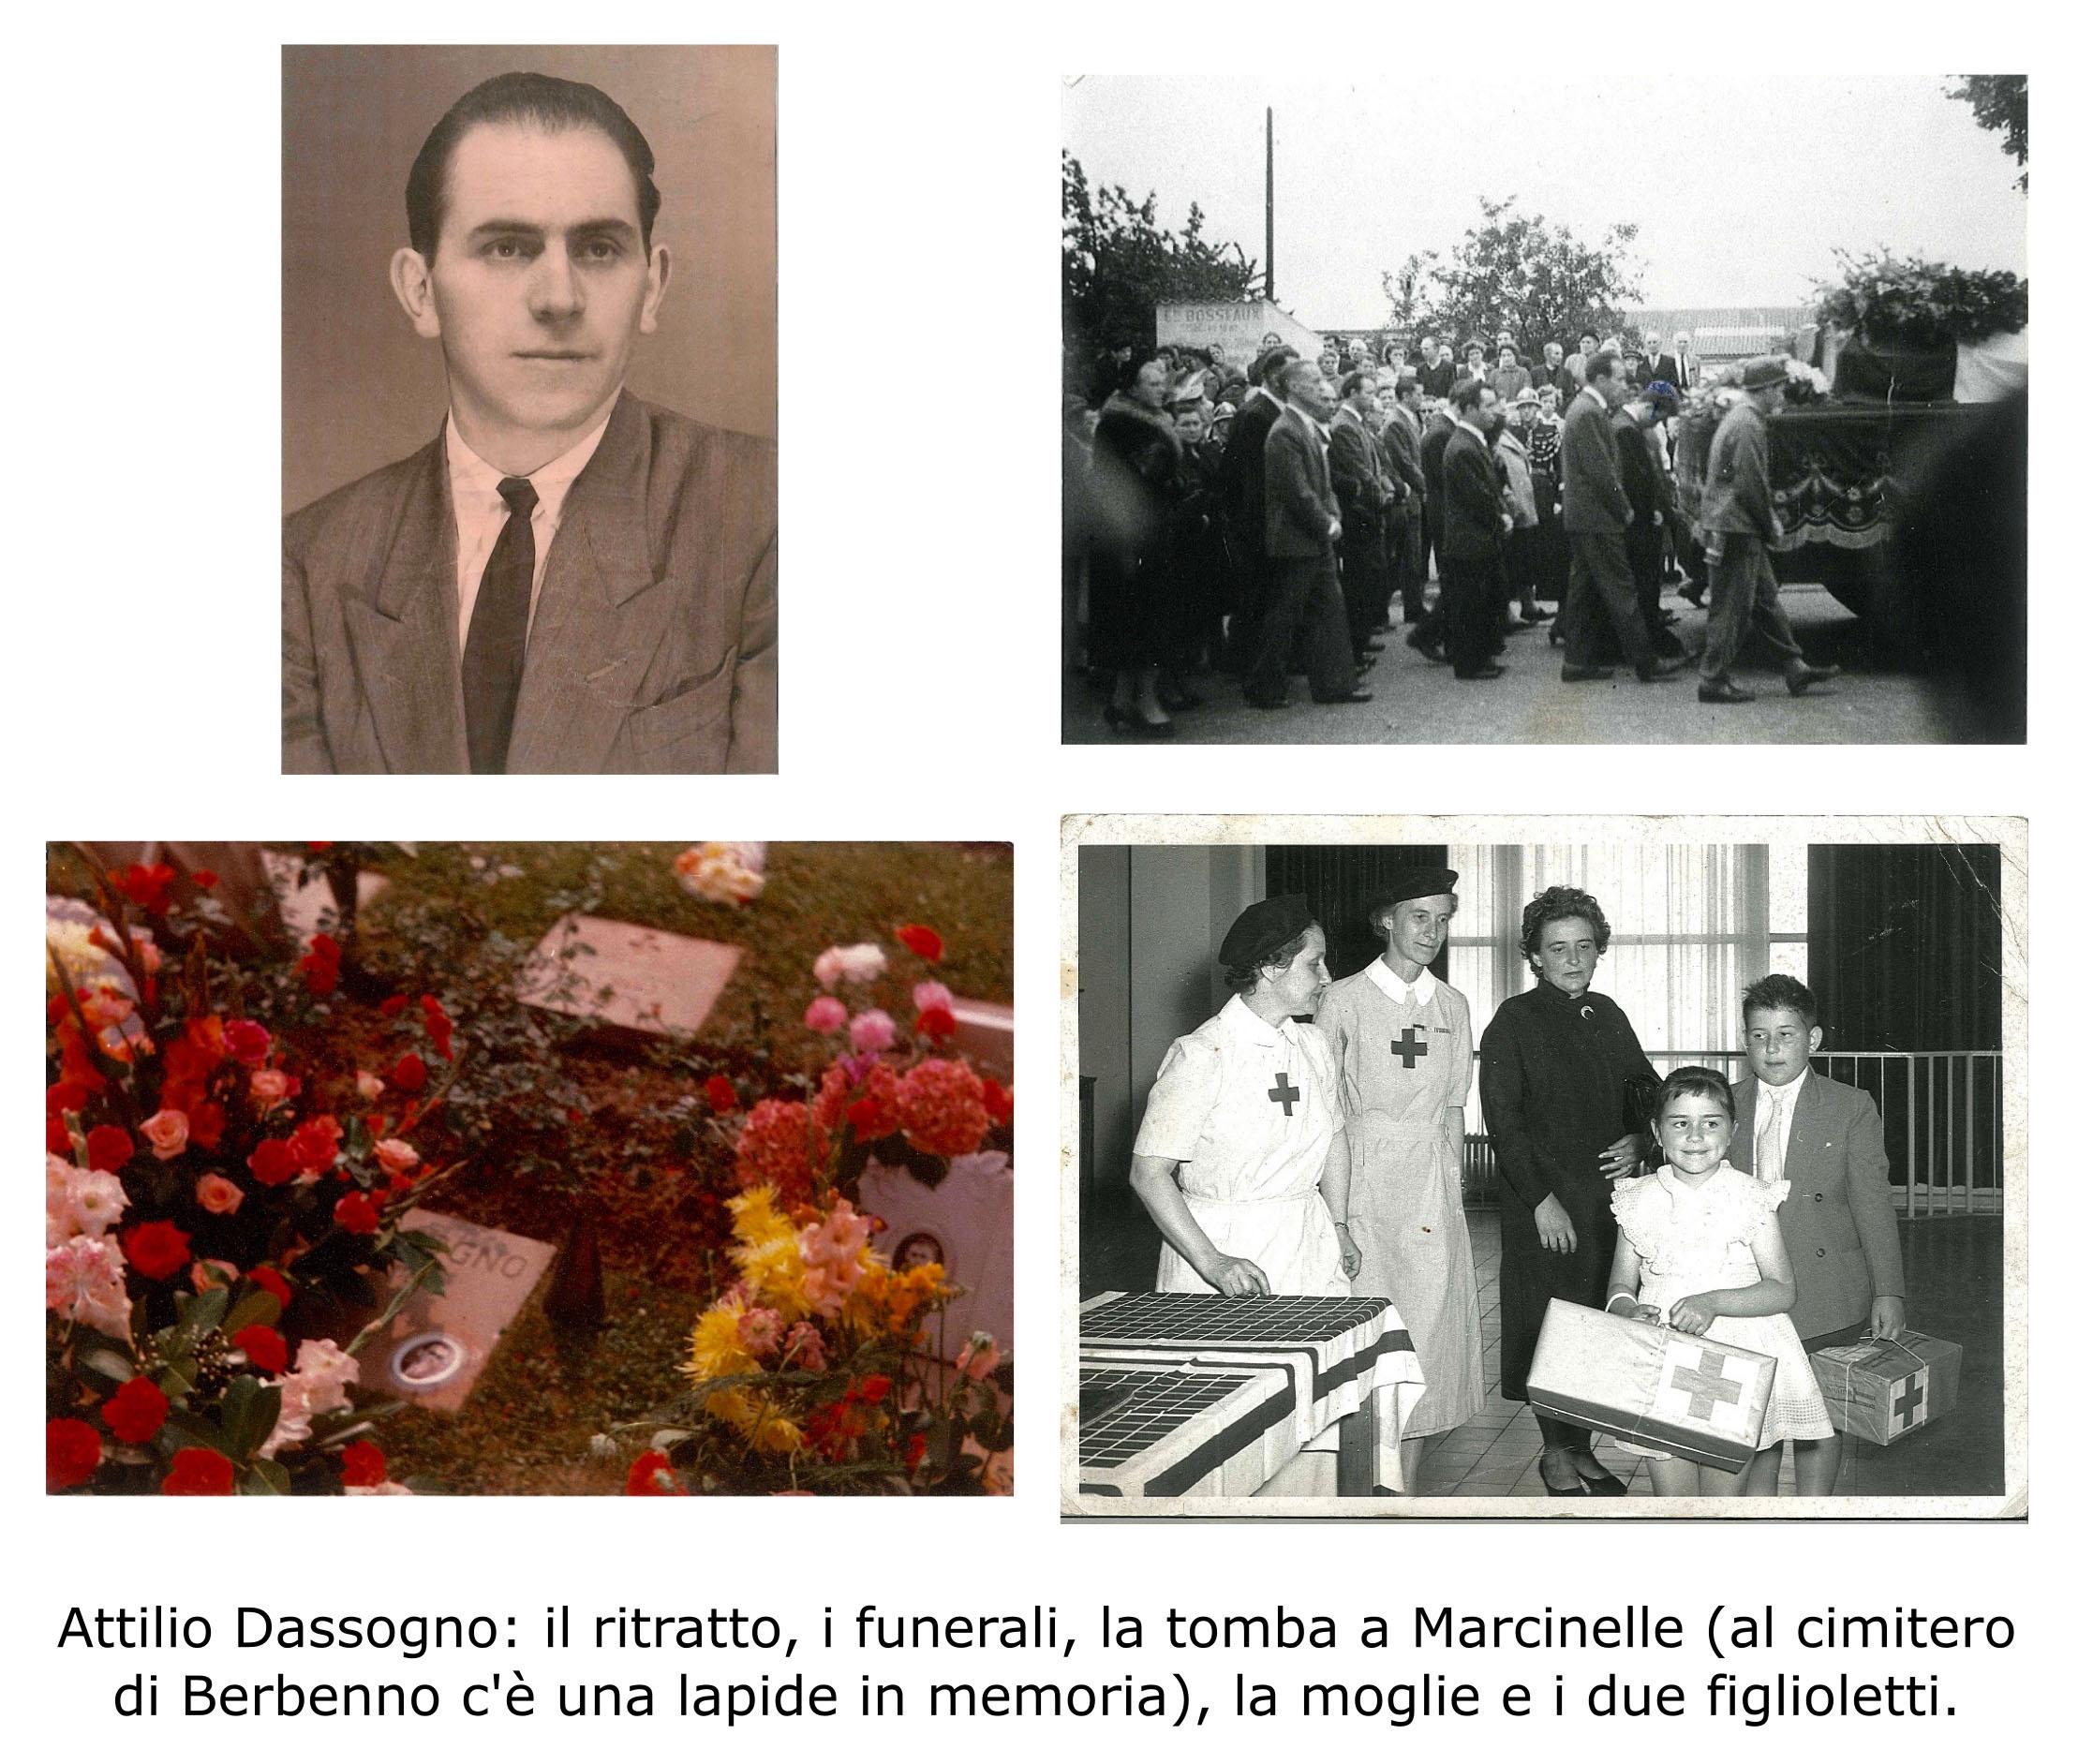 Attilio Dassogno